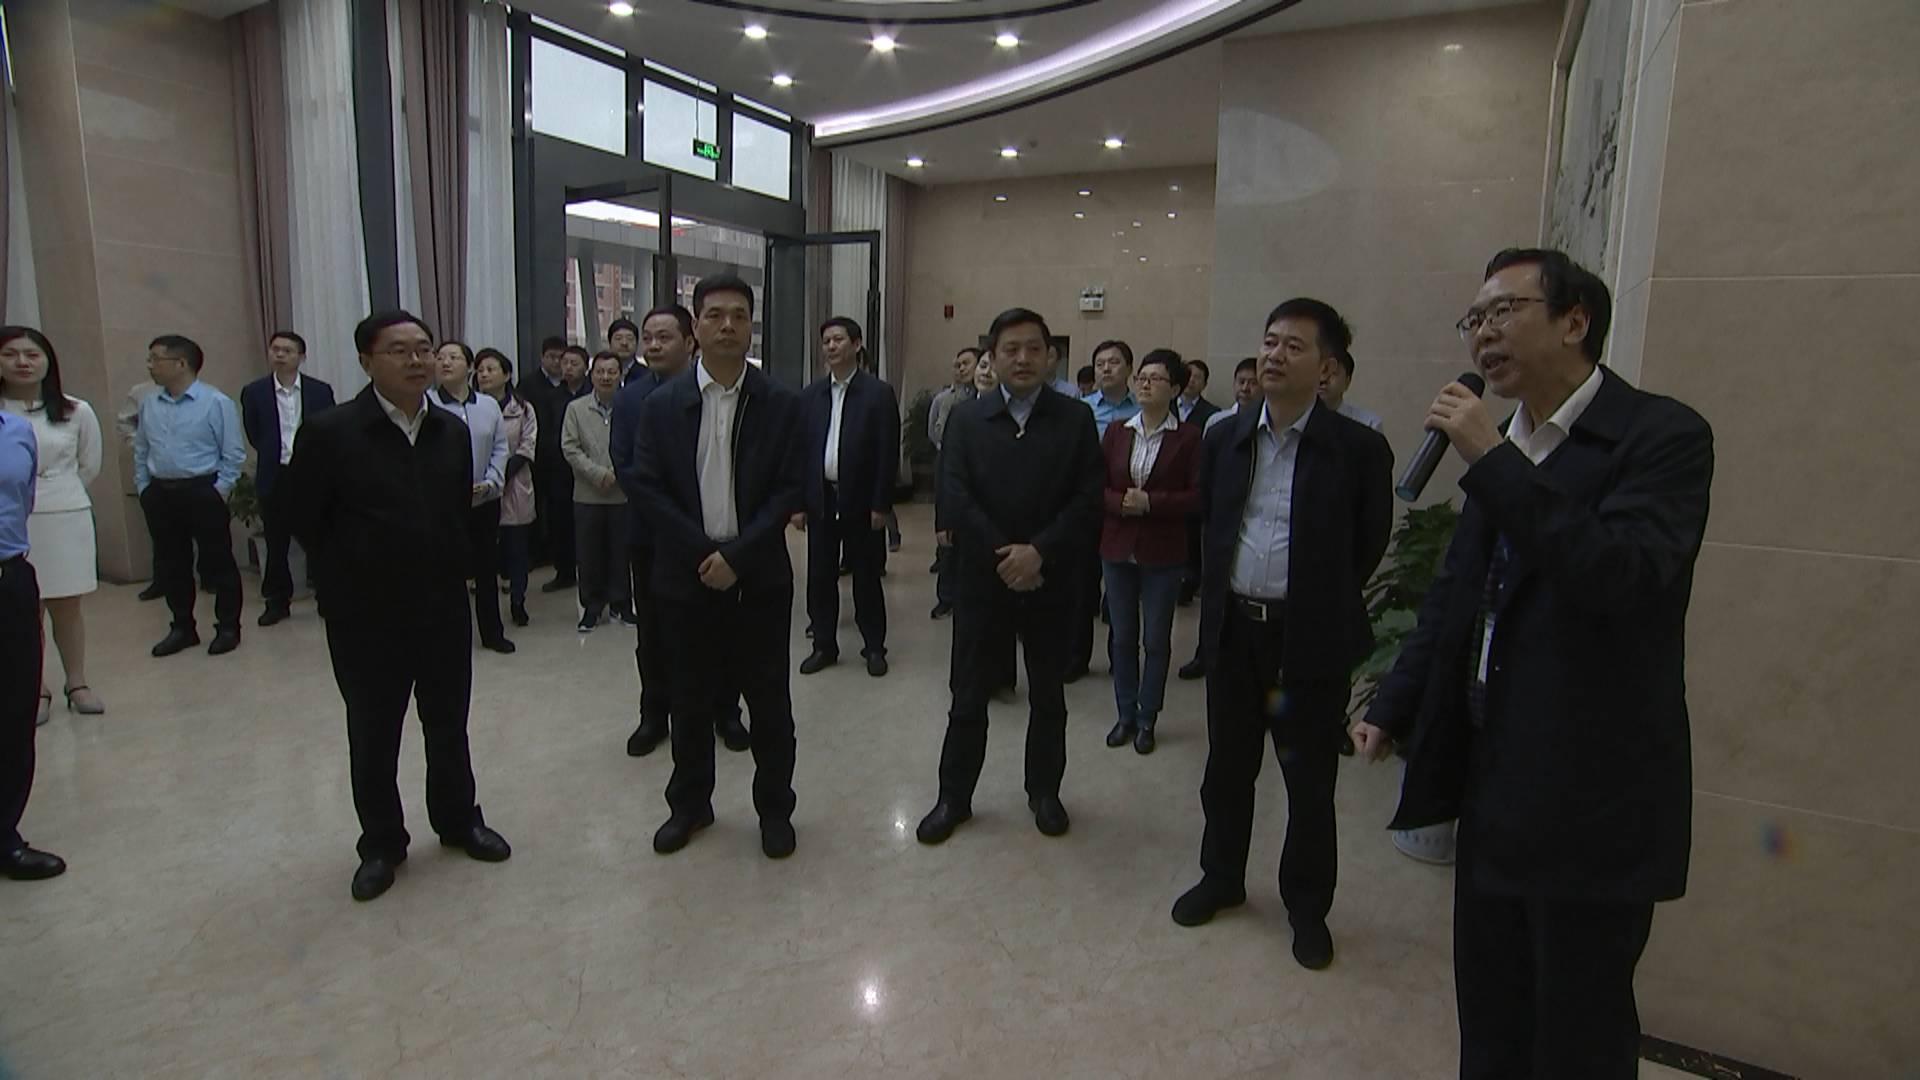 上饶市党政代表团赴萍乡、新余、宜春、抚州学习考察